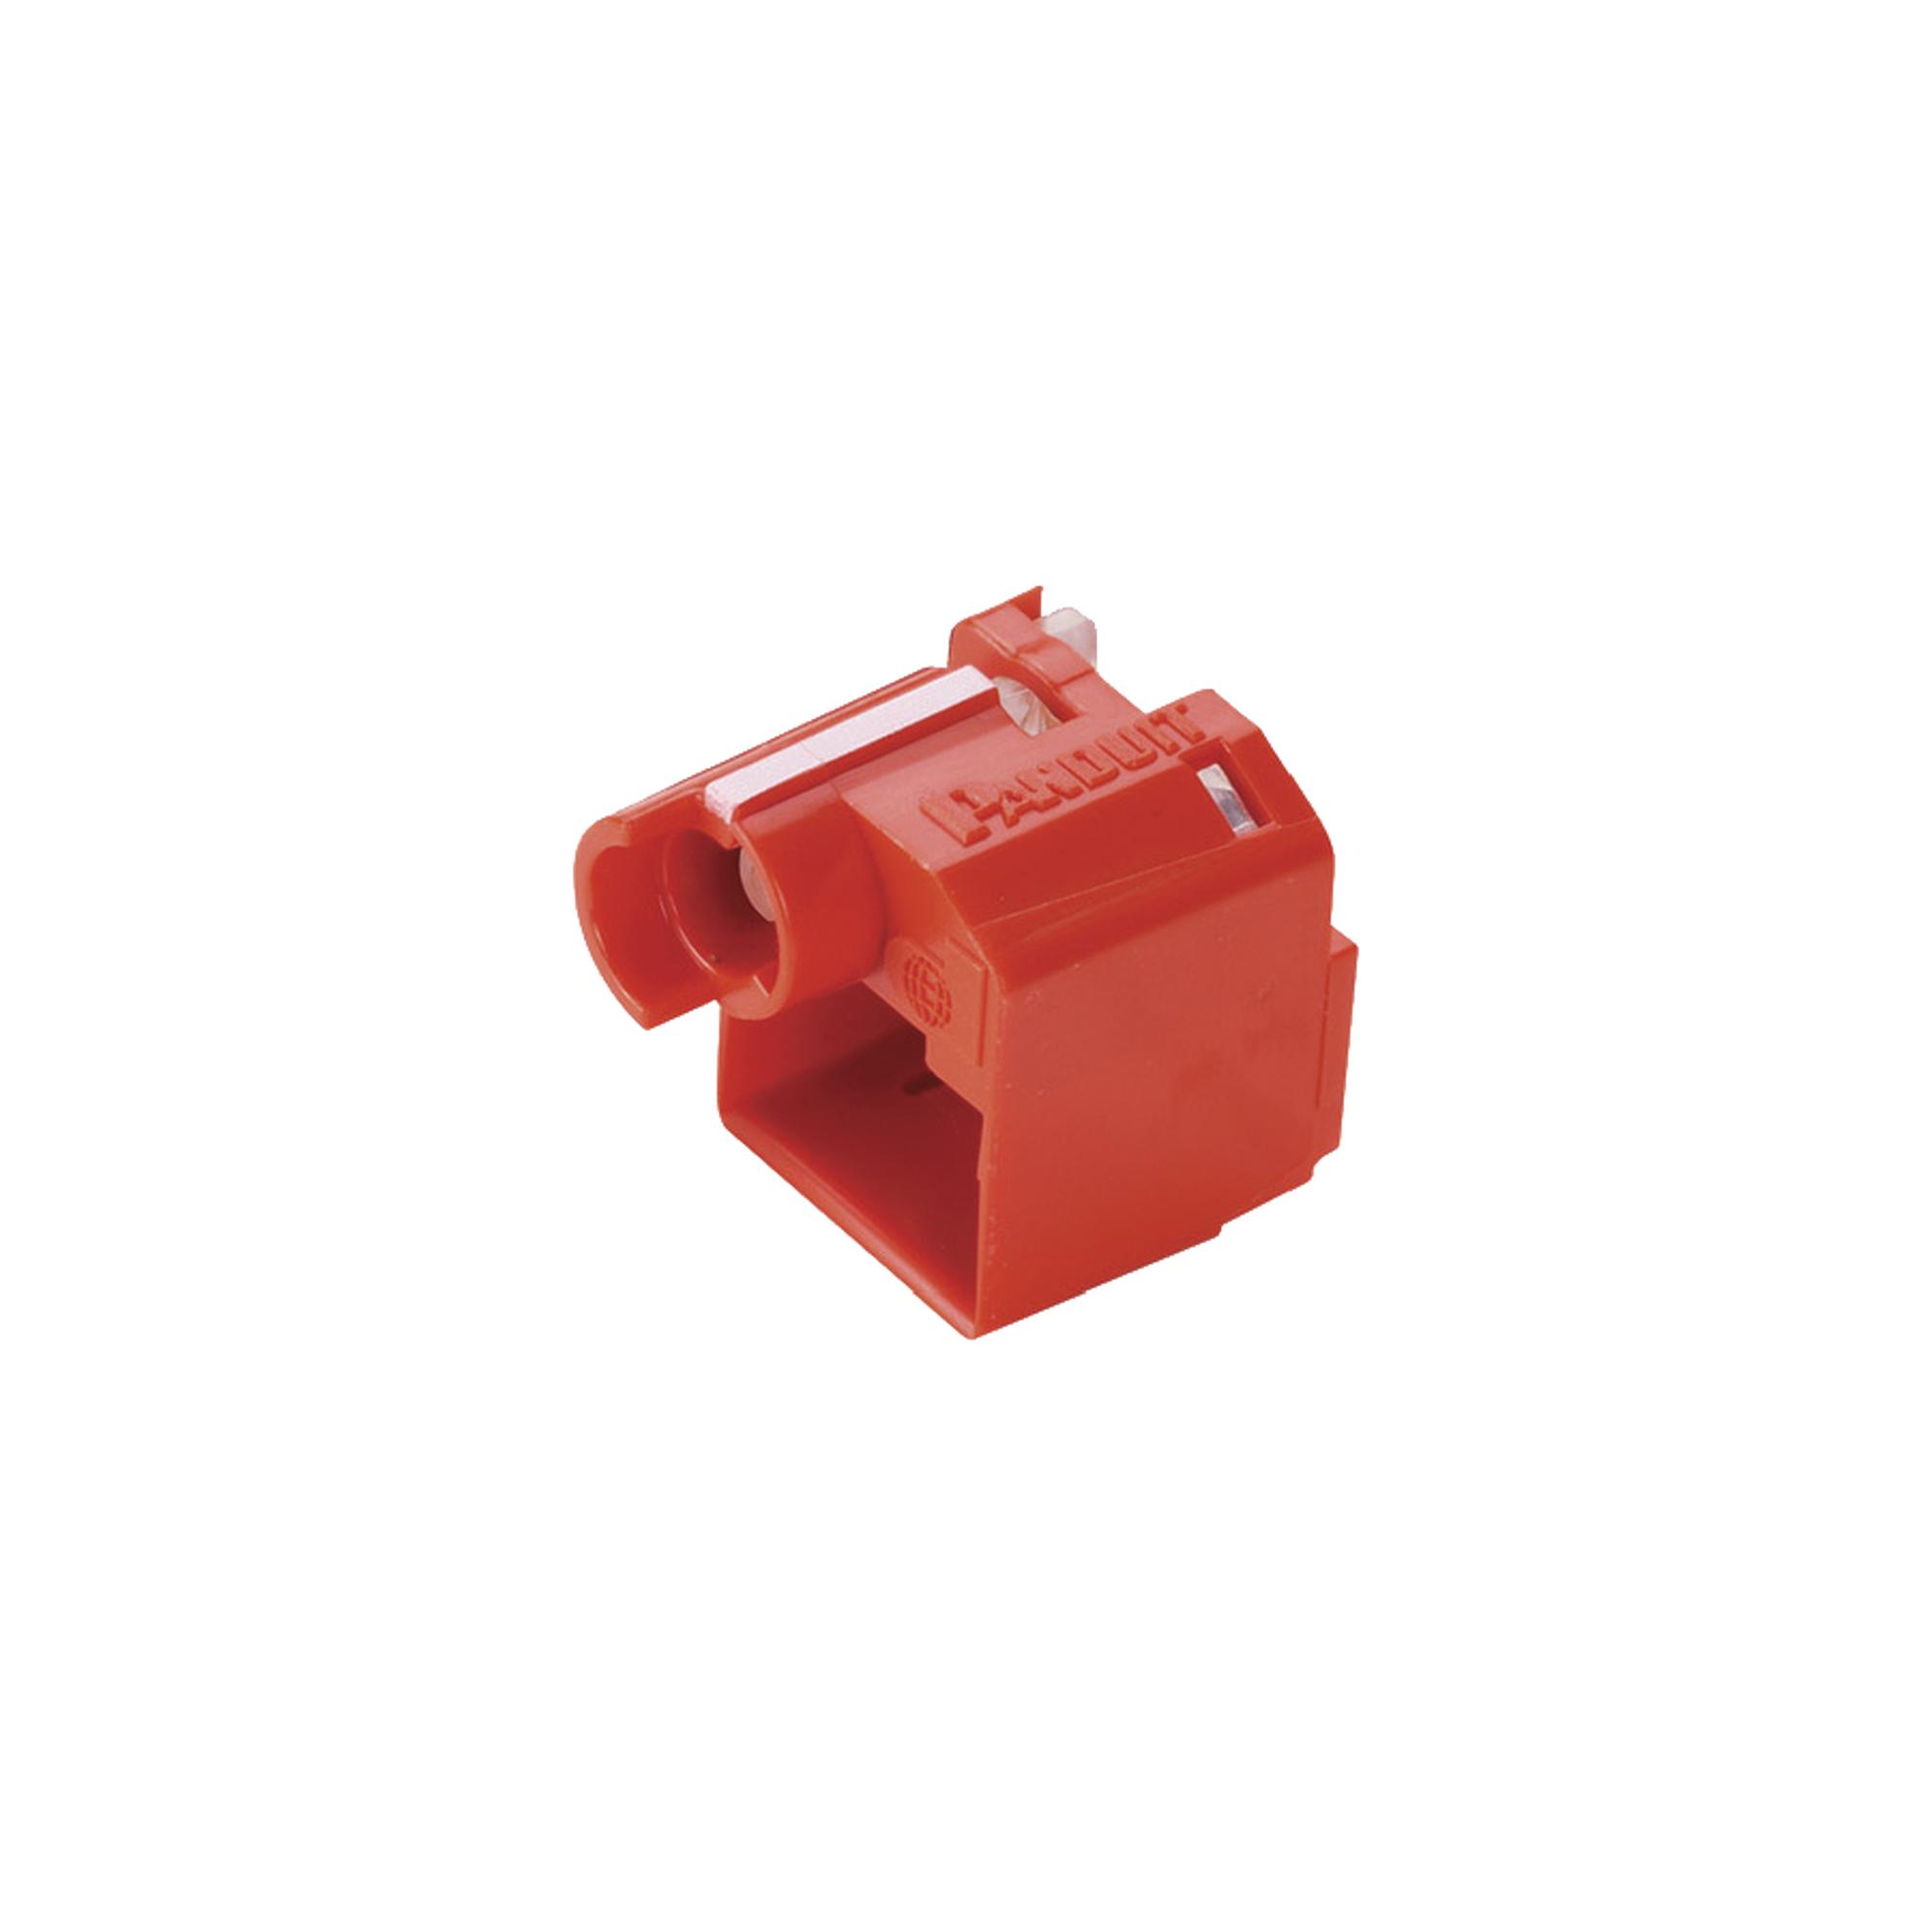 Kit de 10 Dispositivos para Impedir Desconexión de Plug RJ45, Color Rojo, Incluye Herramienta para Instalar/Retirar